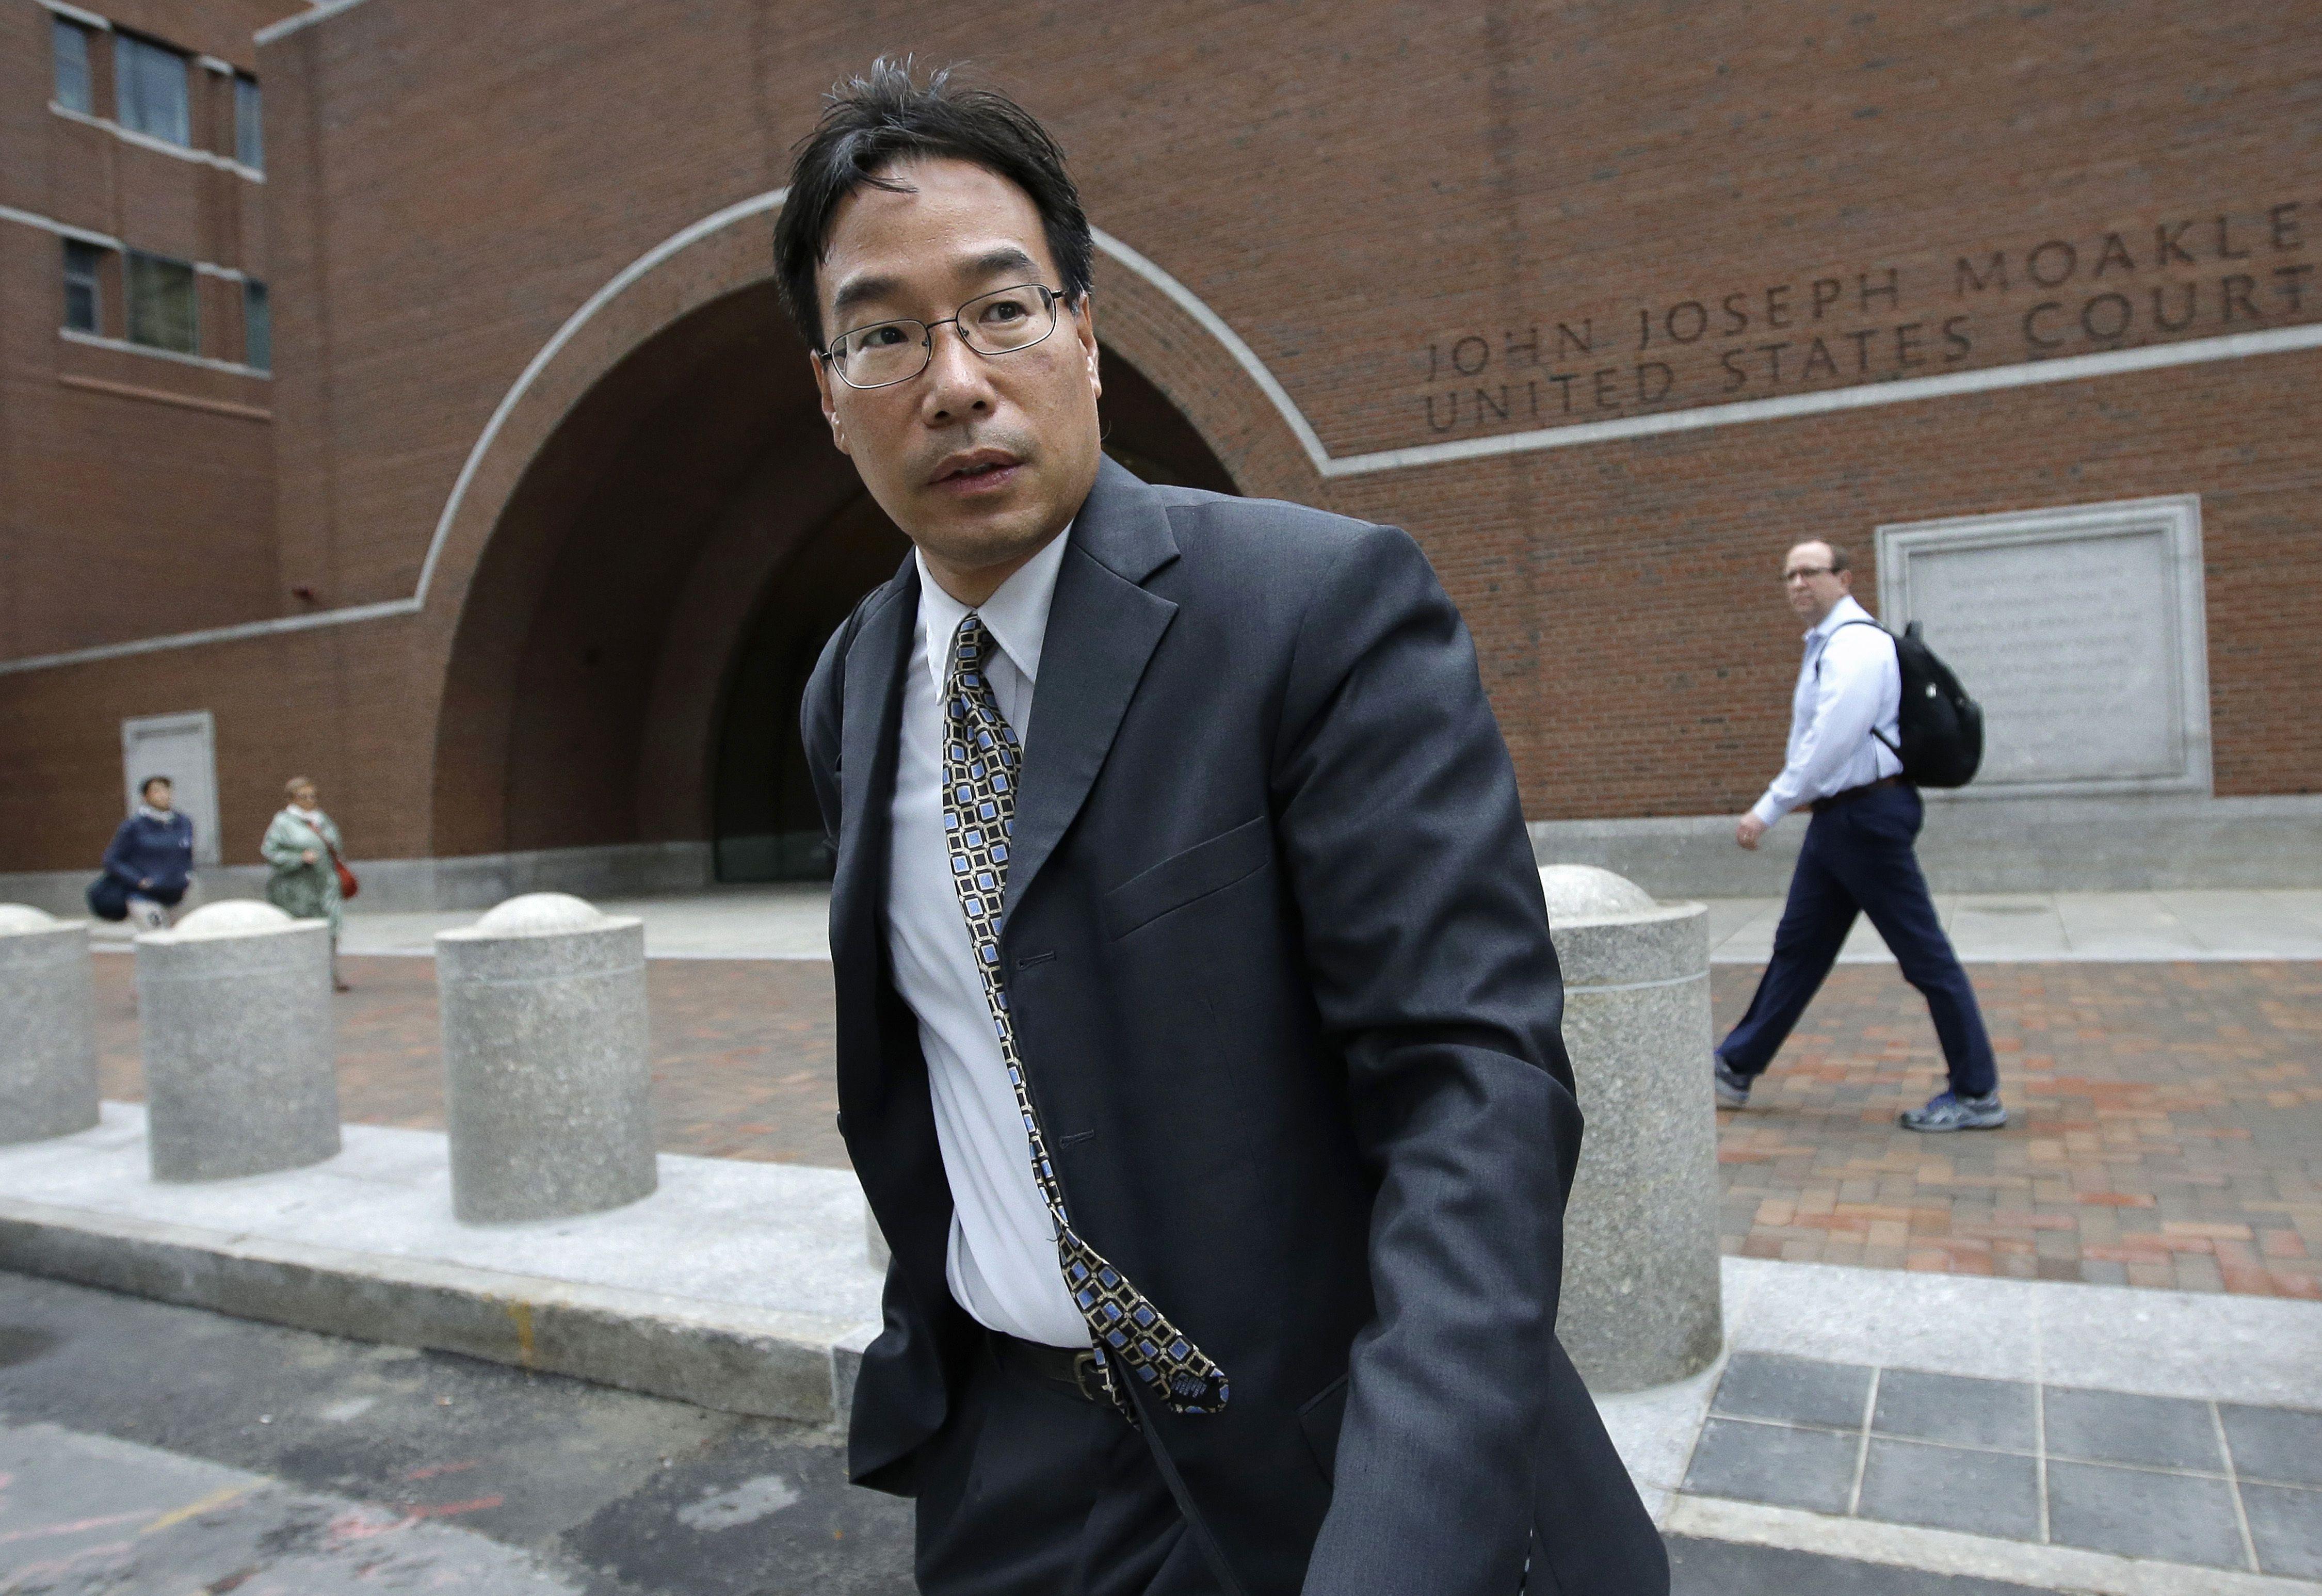 Trial of pharmacist charged in deadly meningitis outbreak begins